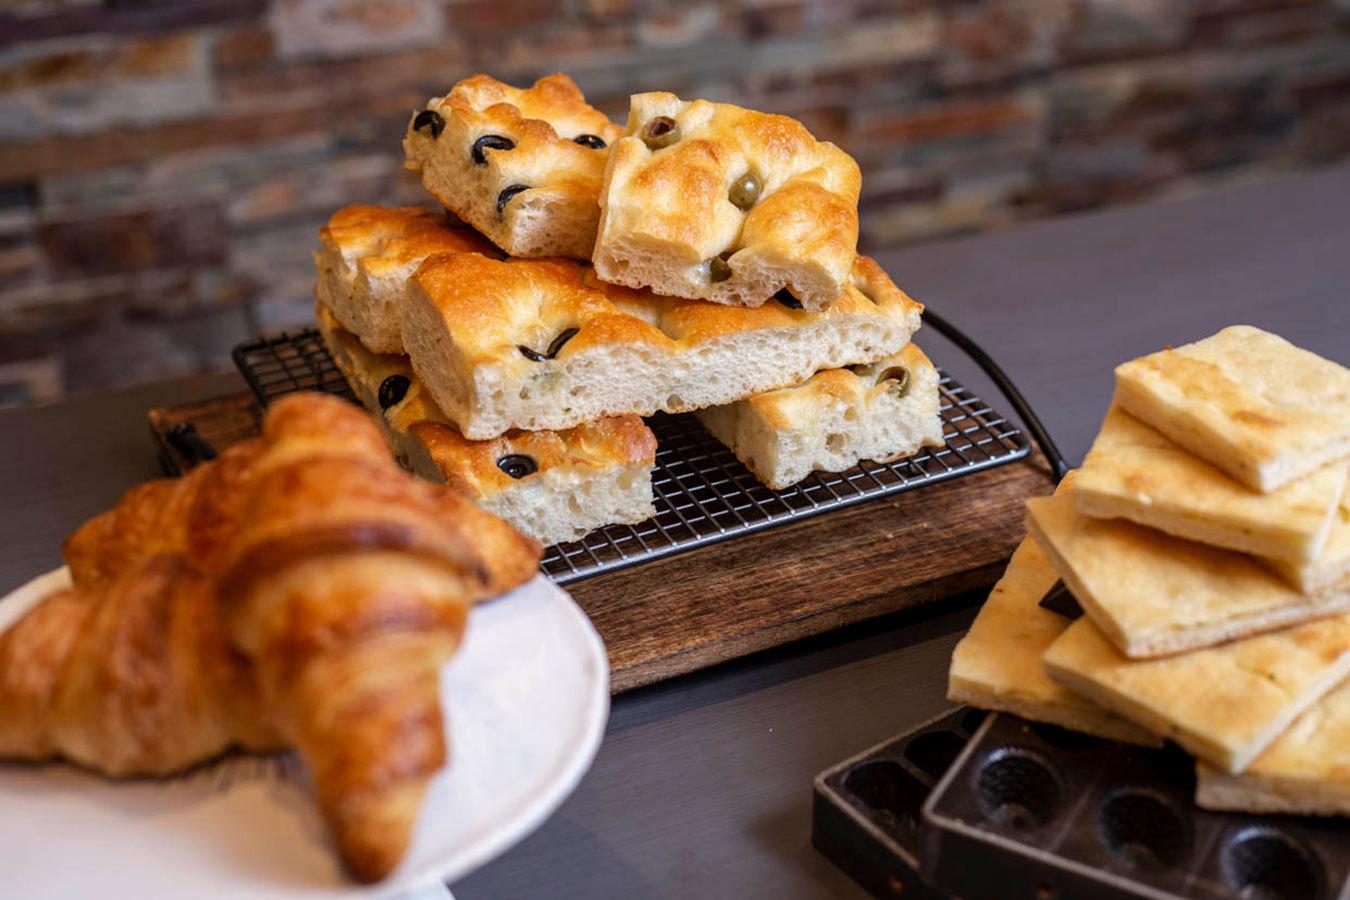 ご当地パンの美味しさを未来に伝える「サワー種(だね)ライブラリー」とは?